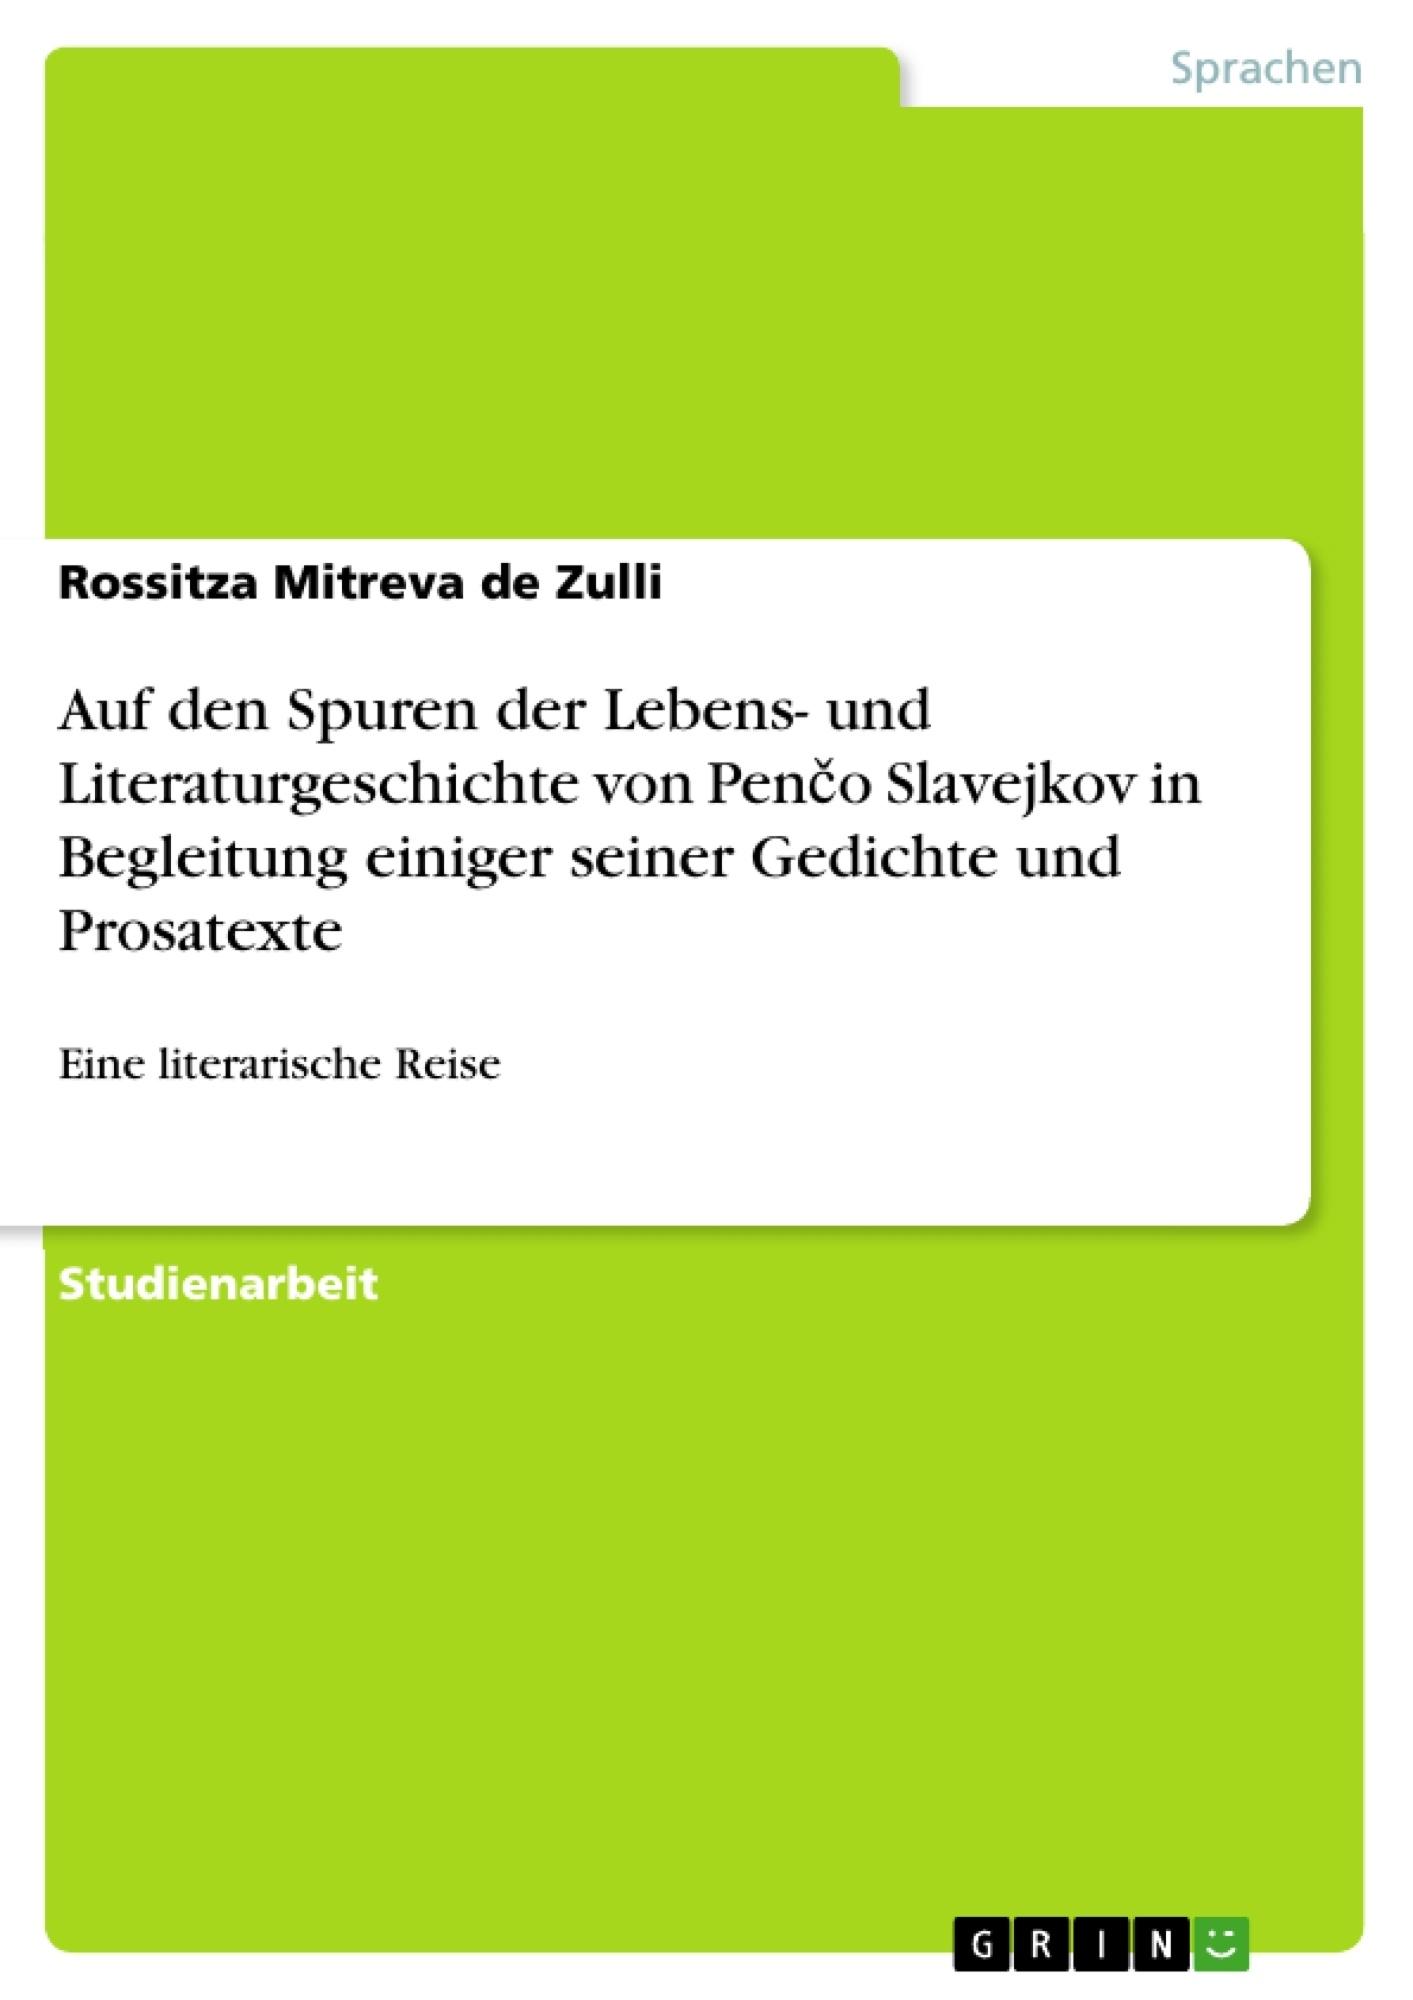 Titel: Auf den Spuren der Lebens- und Literaturgeschichte von Penčo Slavejkov in Begleitung einiger seiner Gedichte und Prosatexte